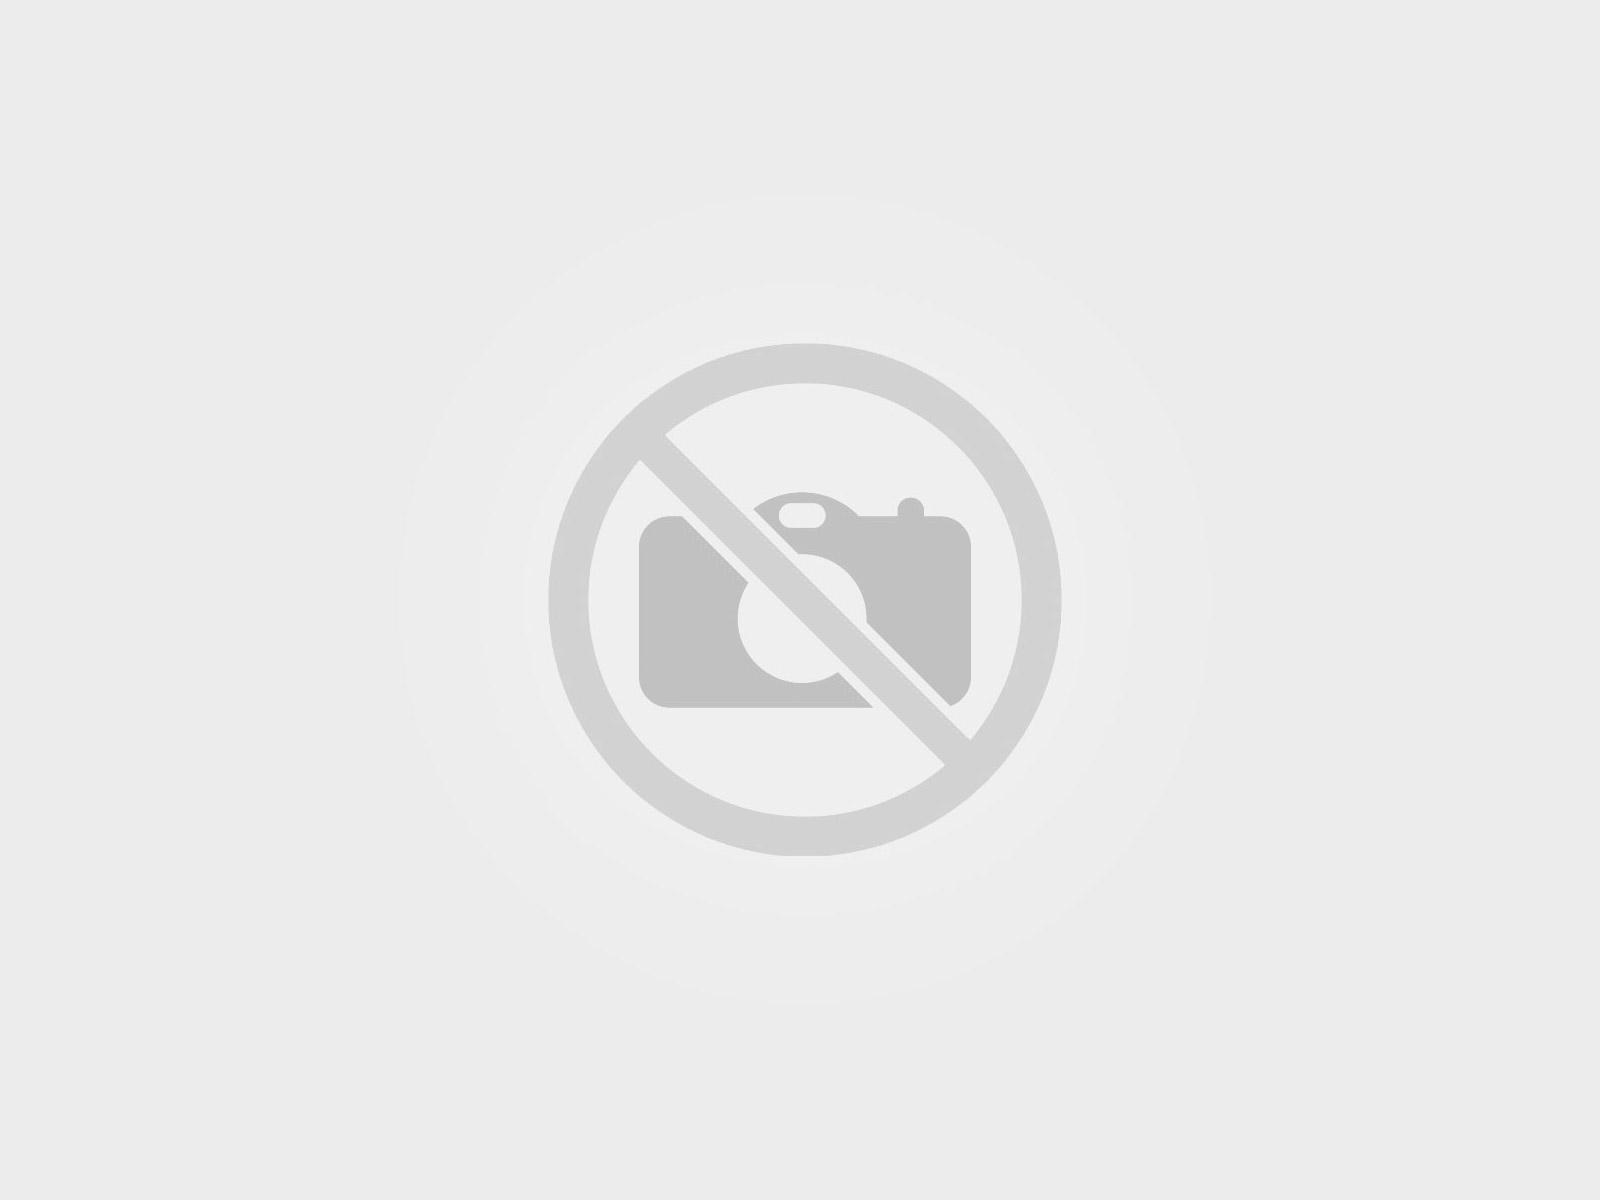 Tratamiento Socio Ambiental para la Franja de 12 Km de Oleoducto en el Tramo Auca – Pindo y su Área de Influencia